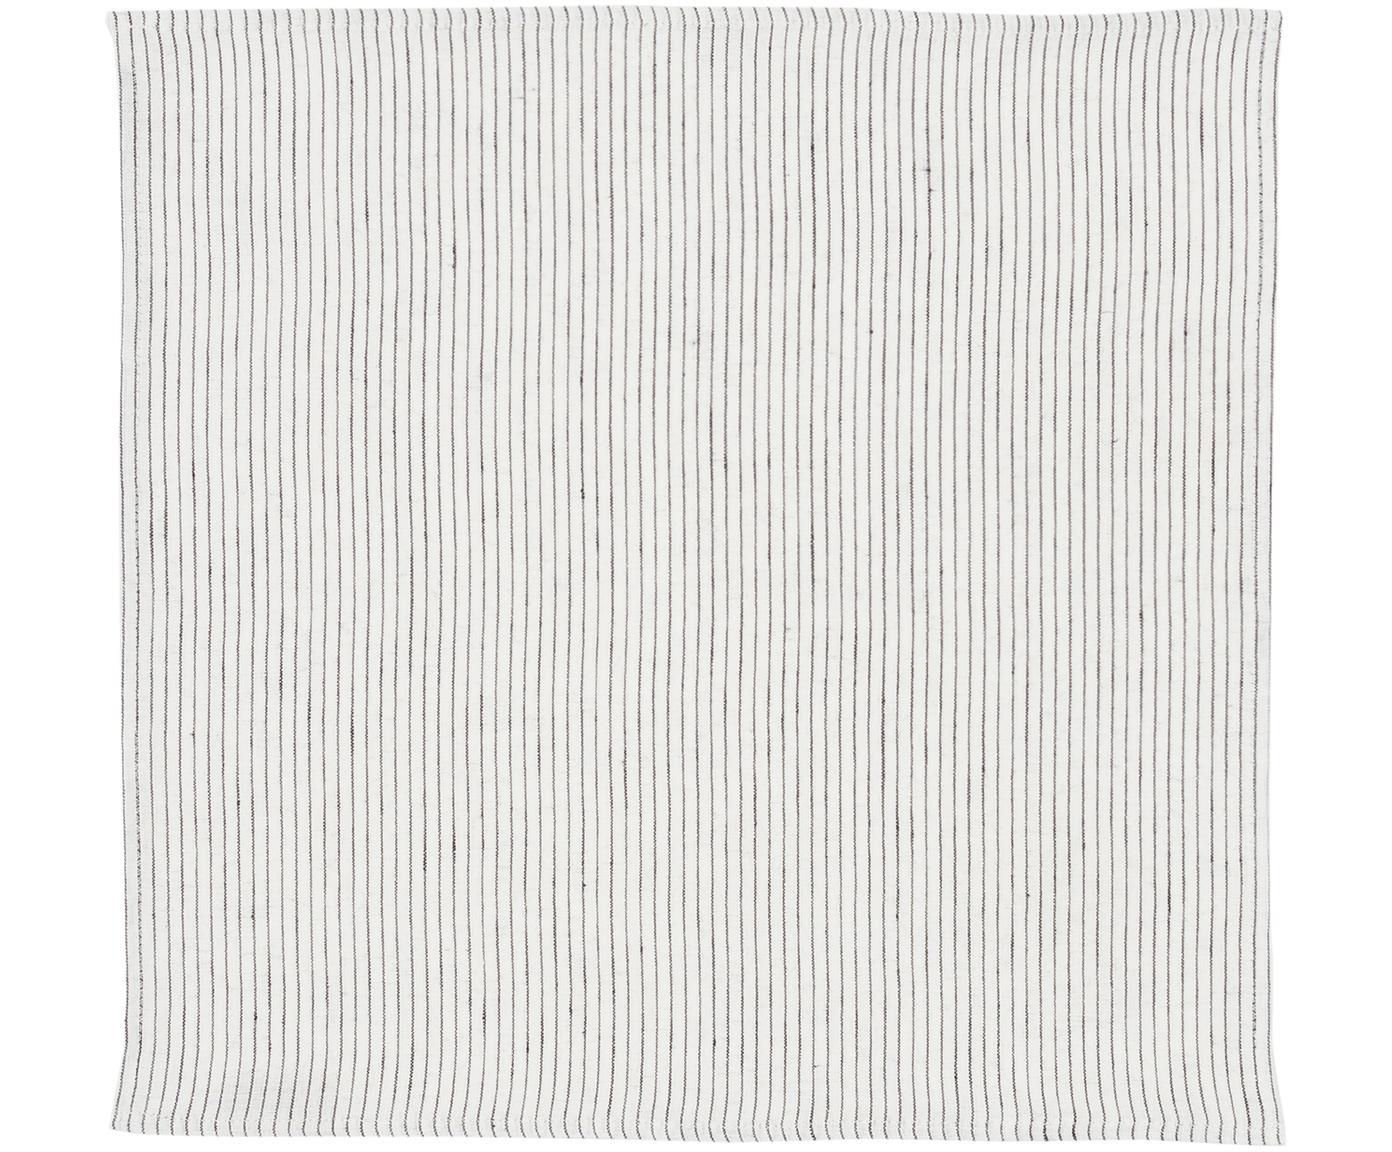 Serwetki z lnu Svete, 6 szt., Kremowy, czarny, 43 x 43 cm